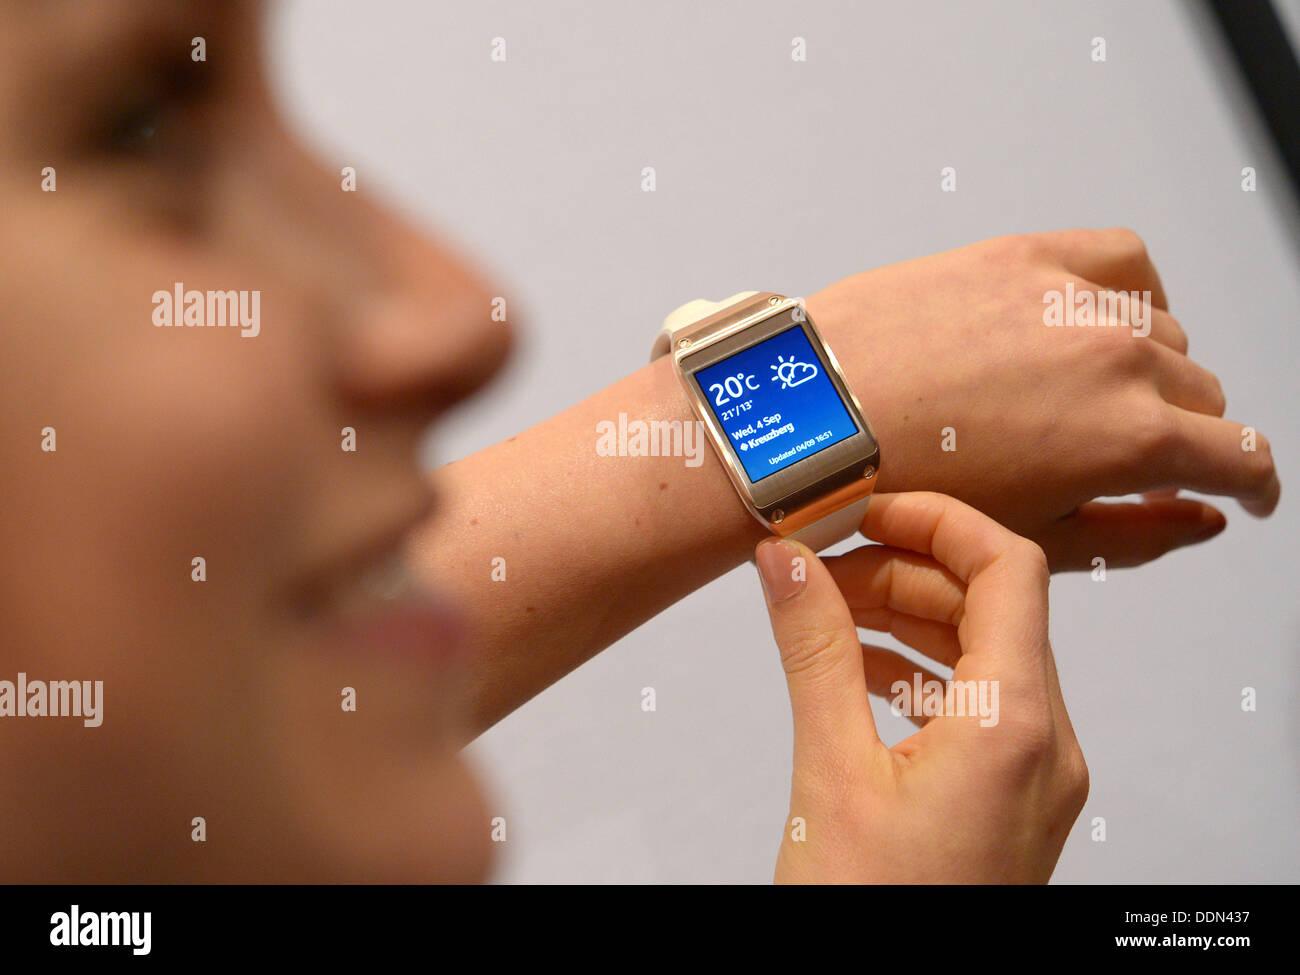 """Berlino, Germania. 04 Sep, 2013. Samsung è di nuovo """" Galaxy """" Marcia smartwatch è presentato alla fiera elettronica di consumo IFA di Berlino, Germania, 04 settembre 2013. L'IFA ha luogo dal 06 al 11 settembre, e sostiene di essere la più grande fiera elettronica di consumo. Foto: Rainer Jensen/dpa/Alamy Live News Immagini Stock"""